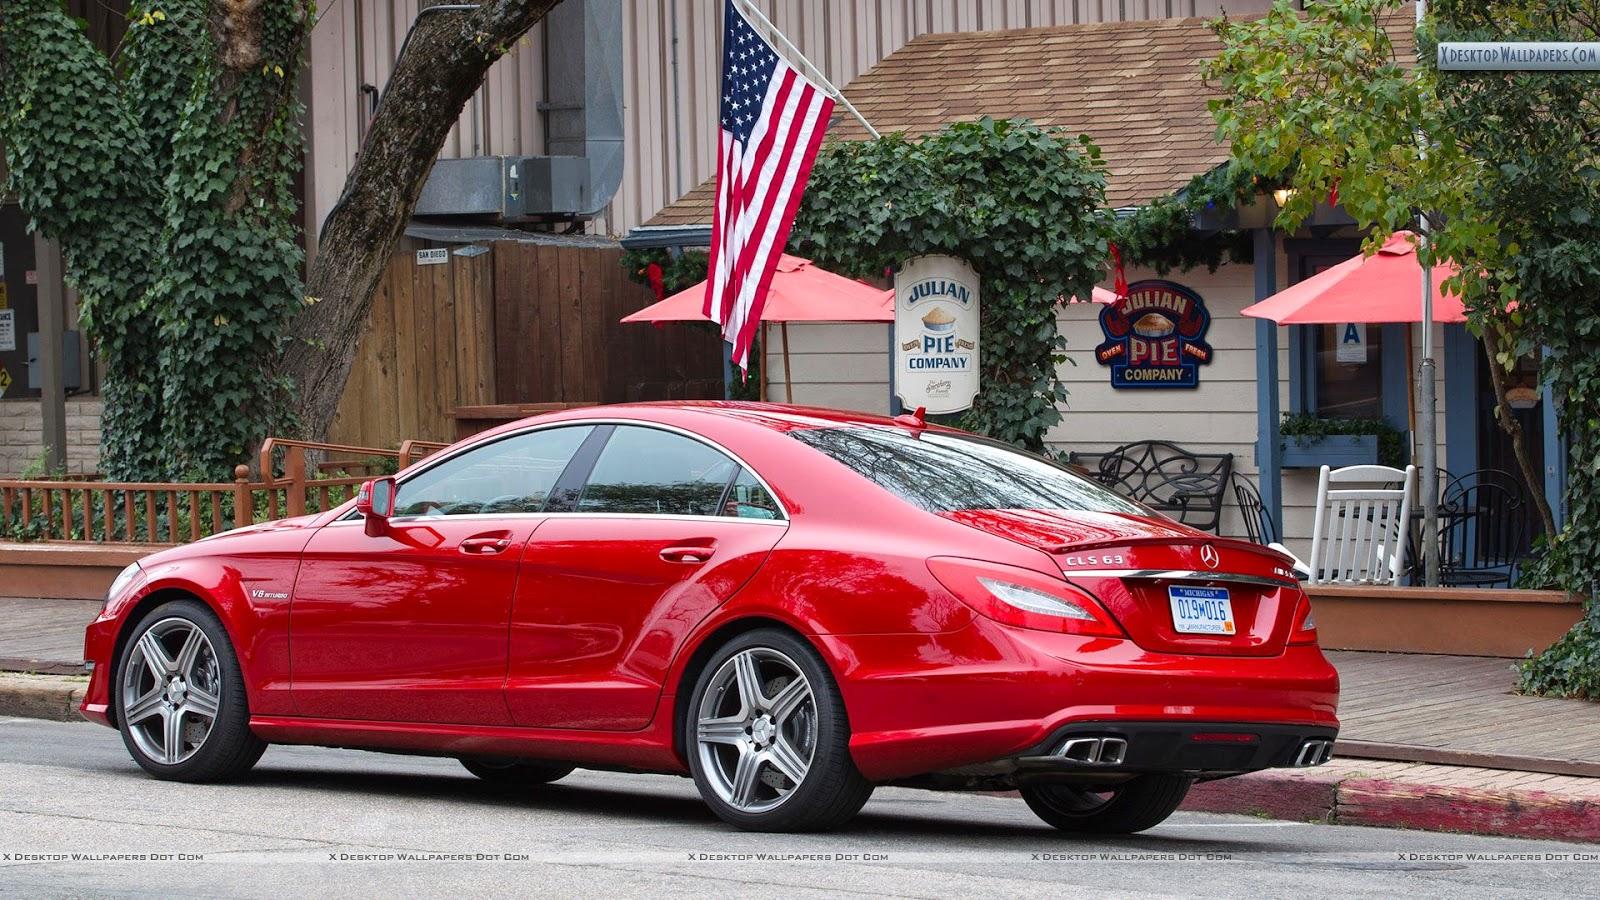 http://4.bp.blogspot.com/-ptvIwMpEHvc/UShvw88MpMI/AAAAAAAAIEI/--g61cgNlIc/s1600/Mercedes-Benz-CLS63-AMG-2012-Outside-Caffe.jpg